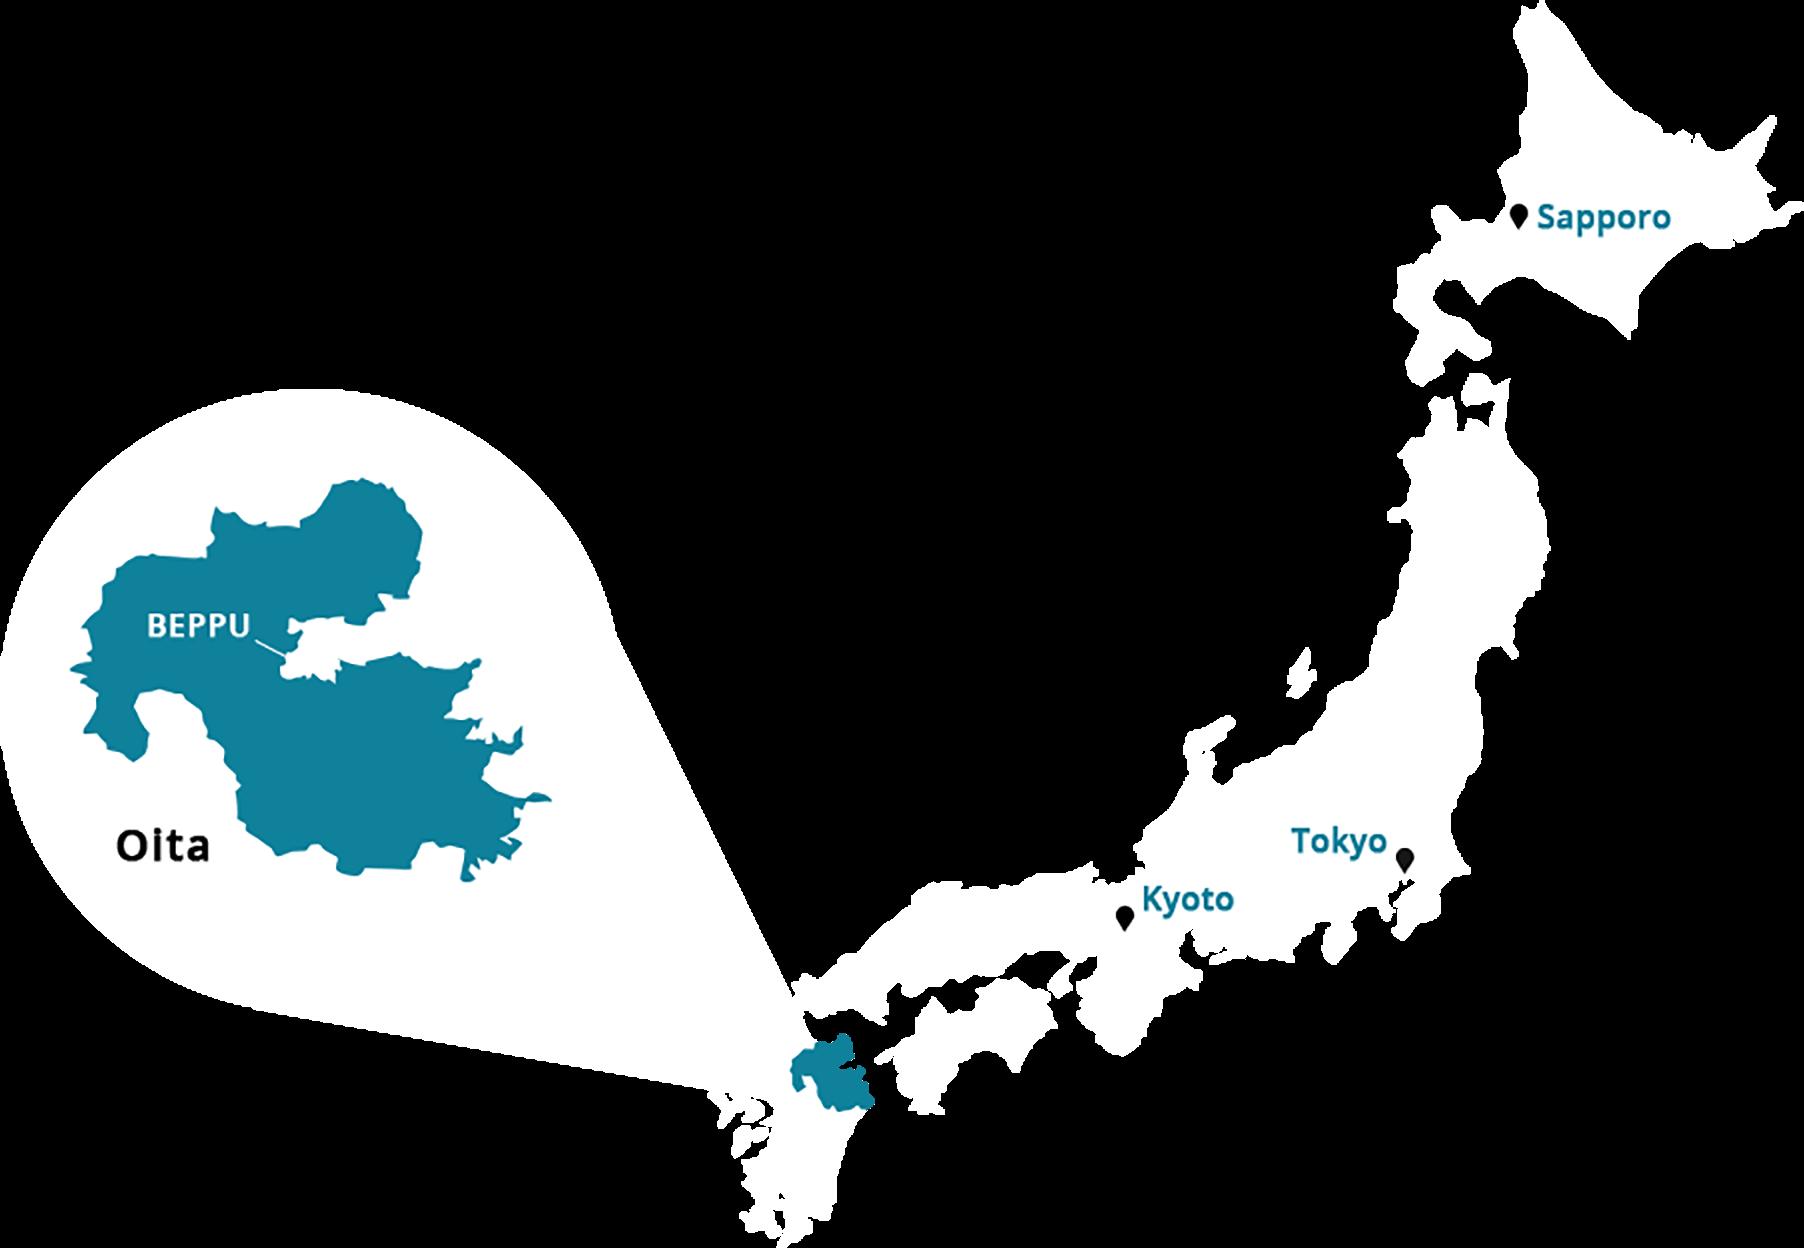 JAPAN HOT SPRING BEPPU